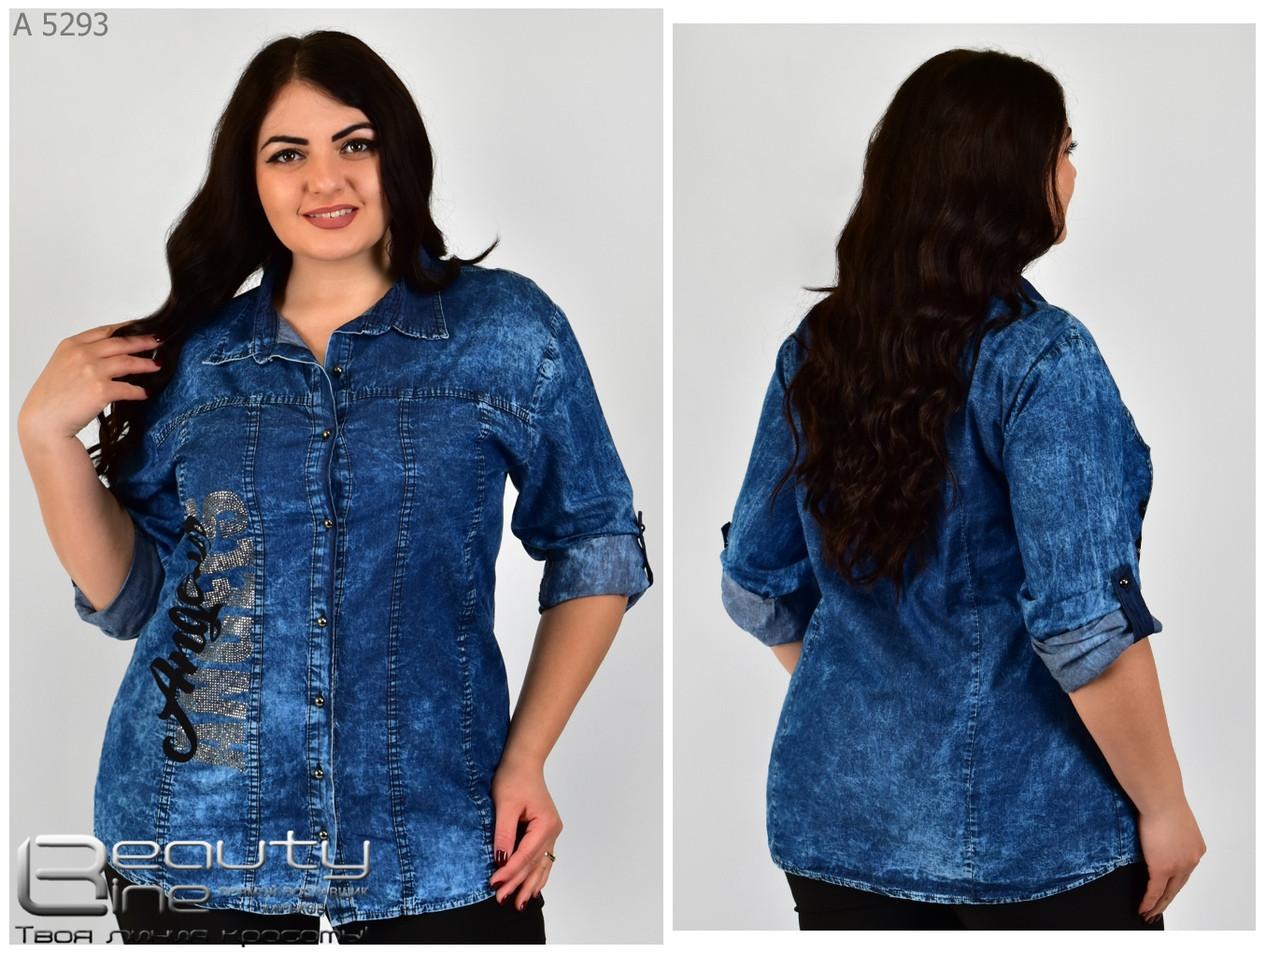 Рубашка джинсовая женская размеры: 46,48,50,52,54